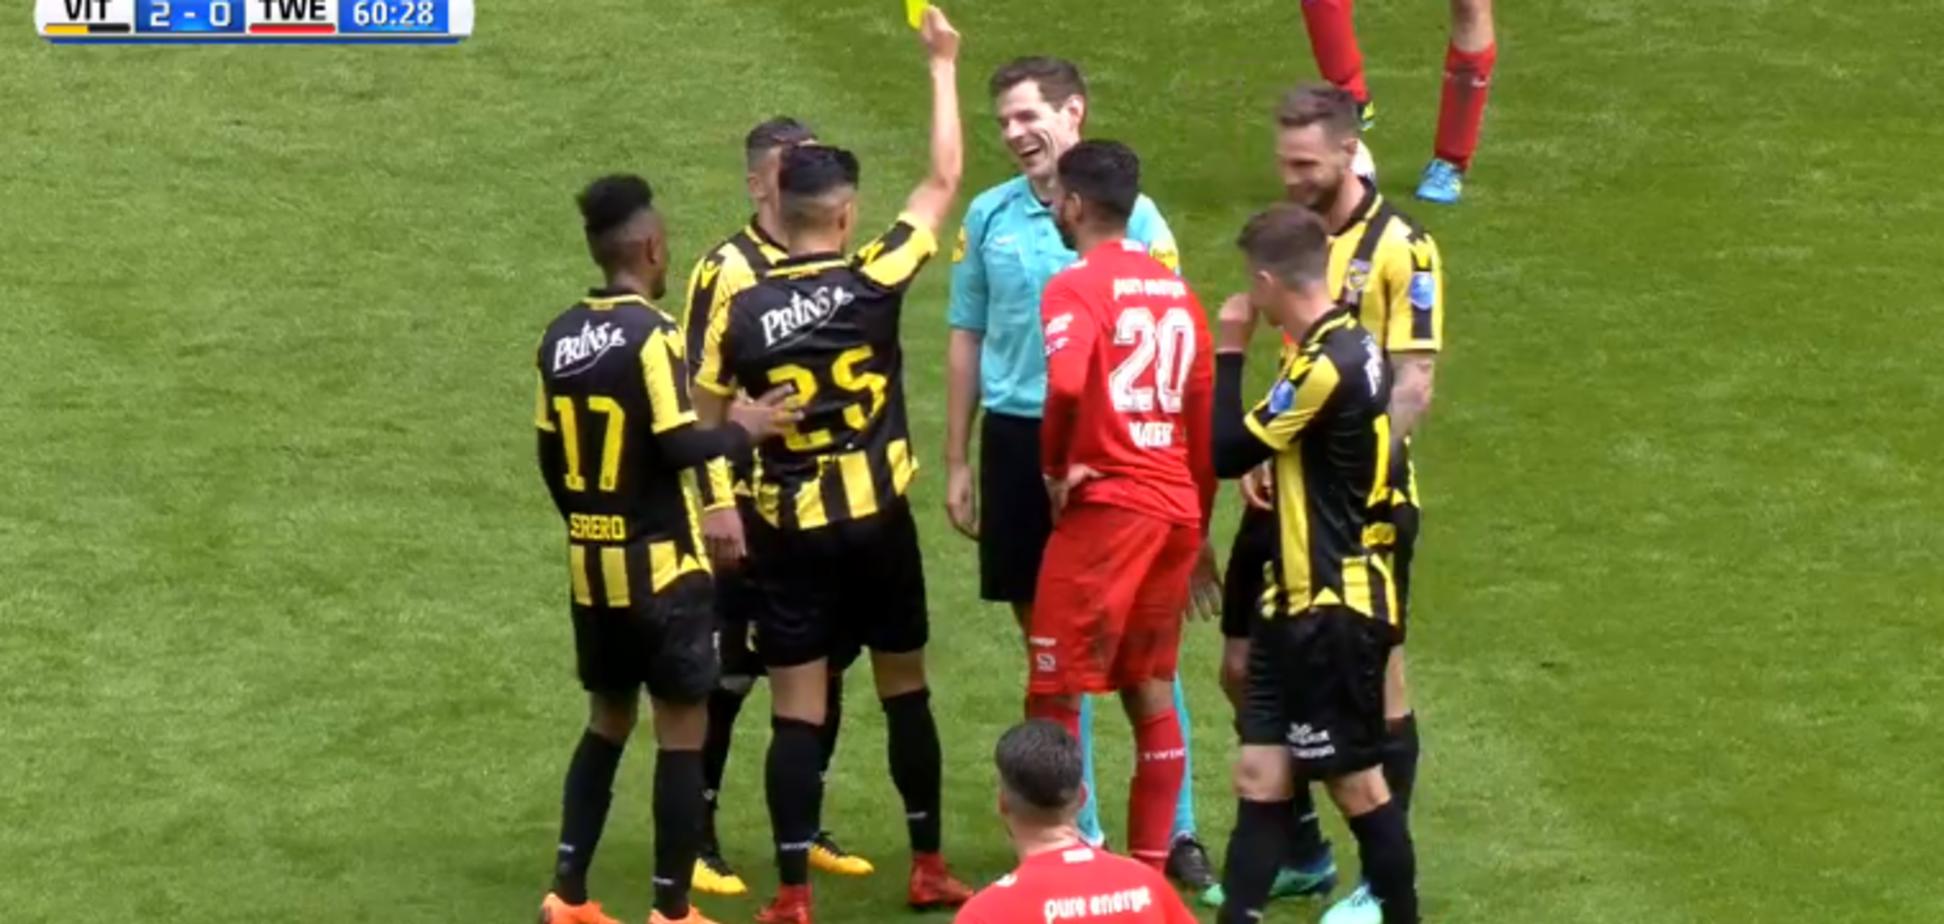 Арбітр збив футболіста і отримав від нього 'подарунок': опубліковано відео